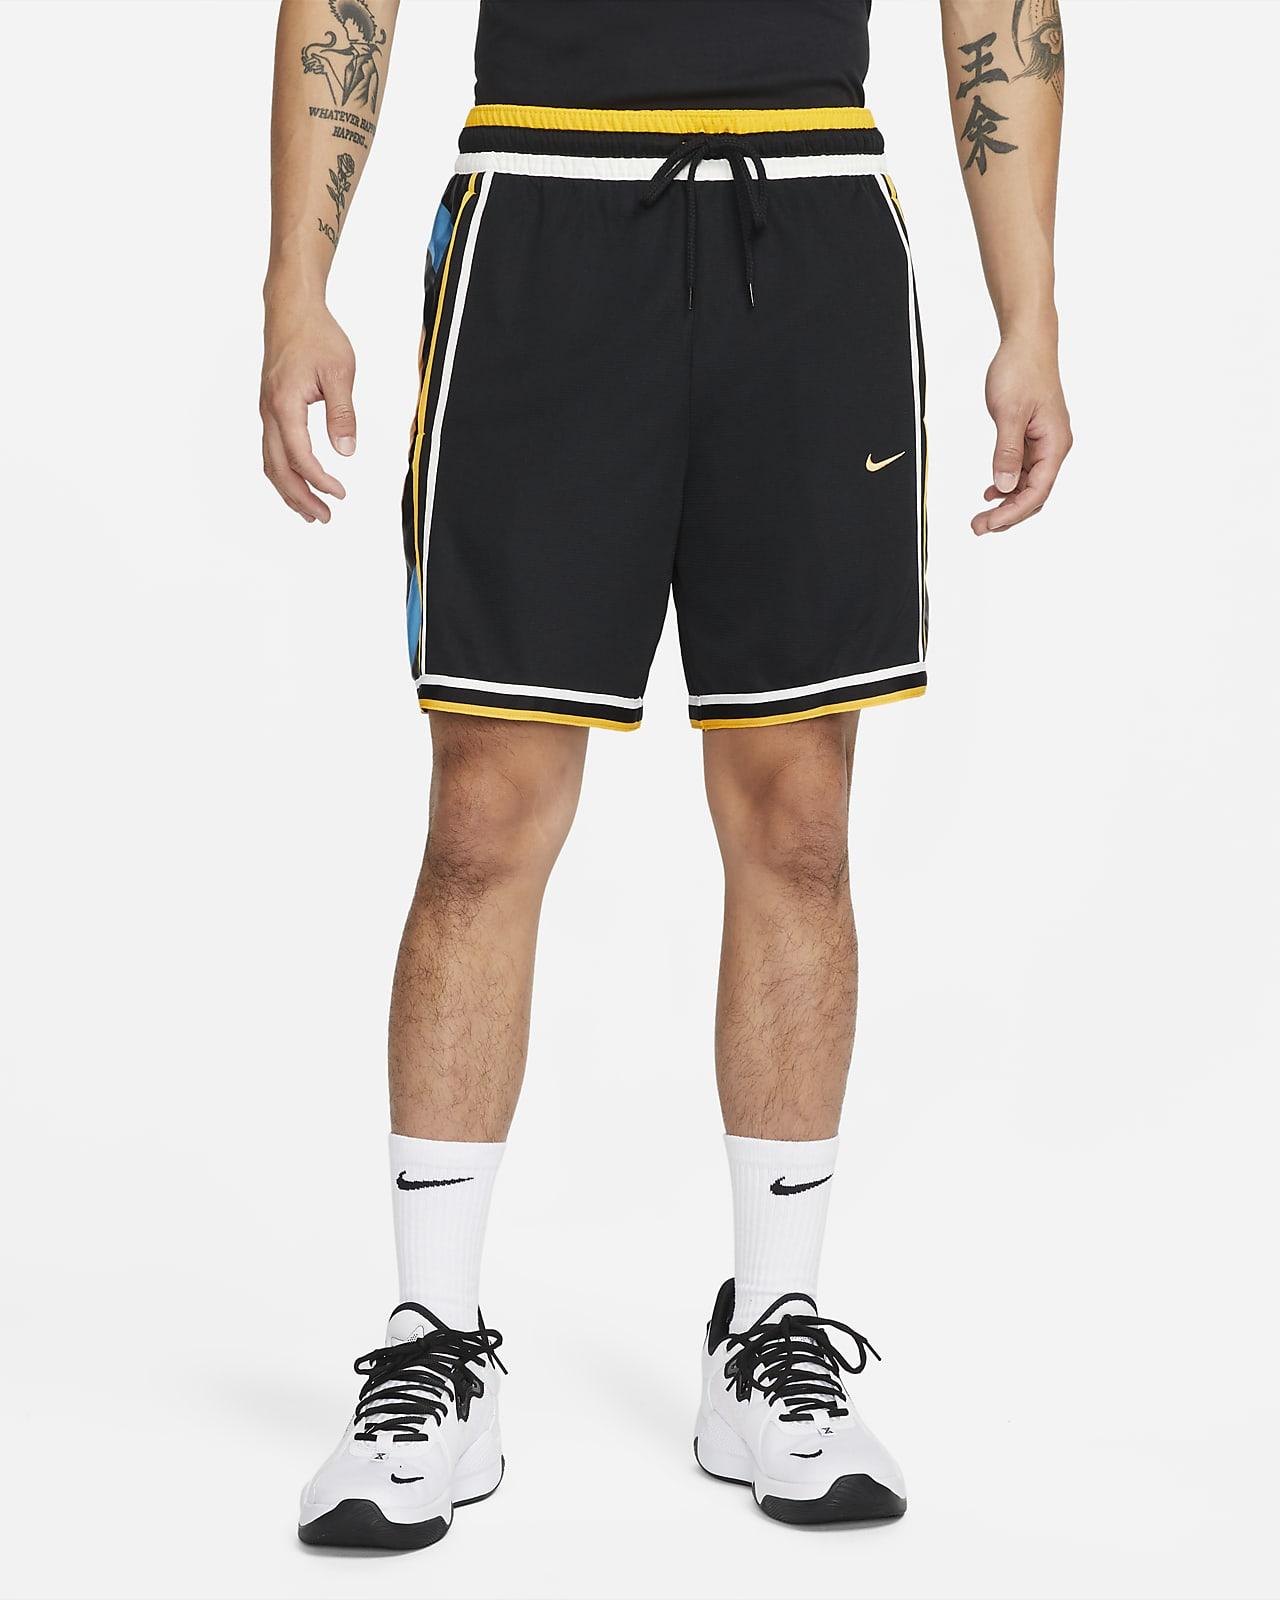 กางเกงบาสเก็ตบอลขาสั้นผู้ชาย Nike Dri-FIT DNA+